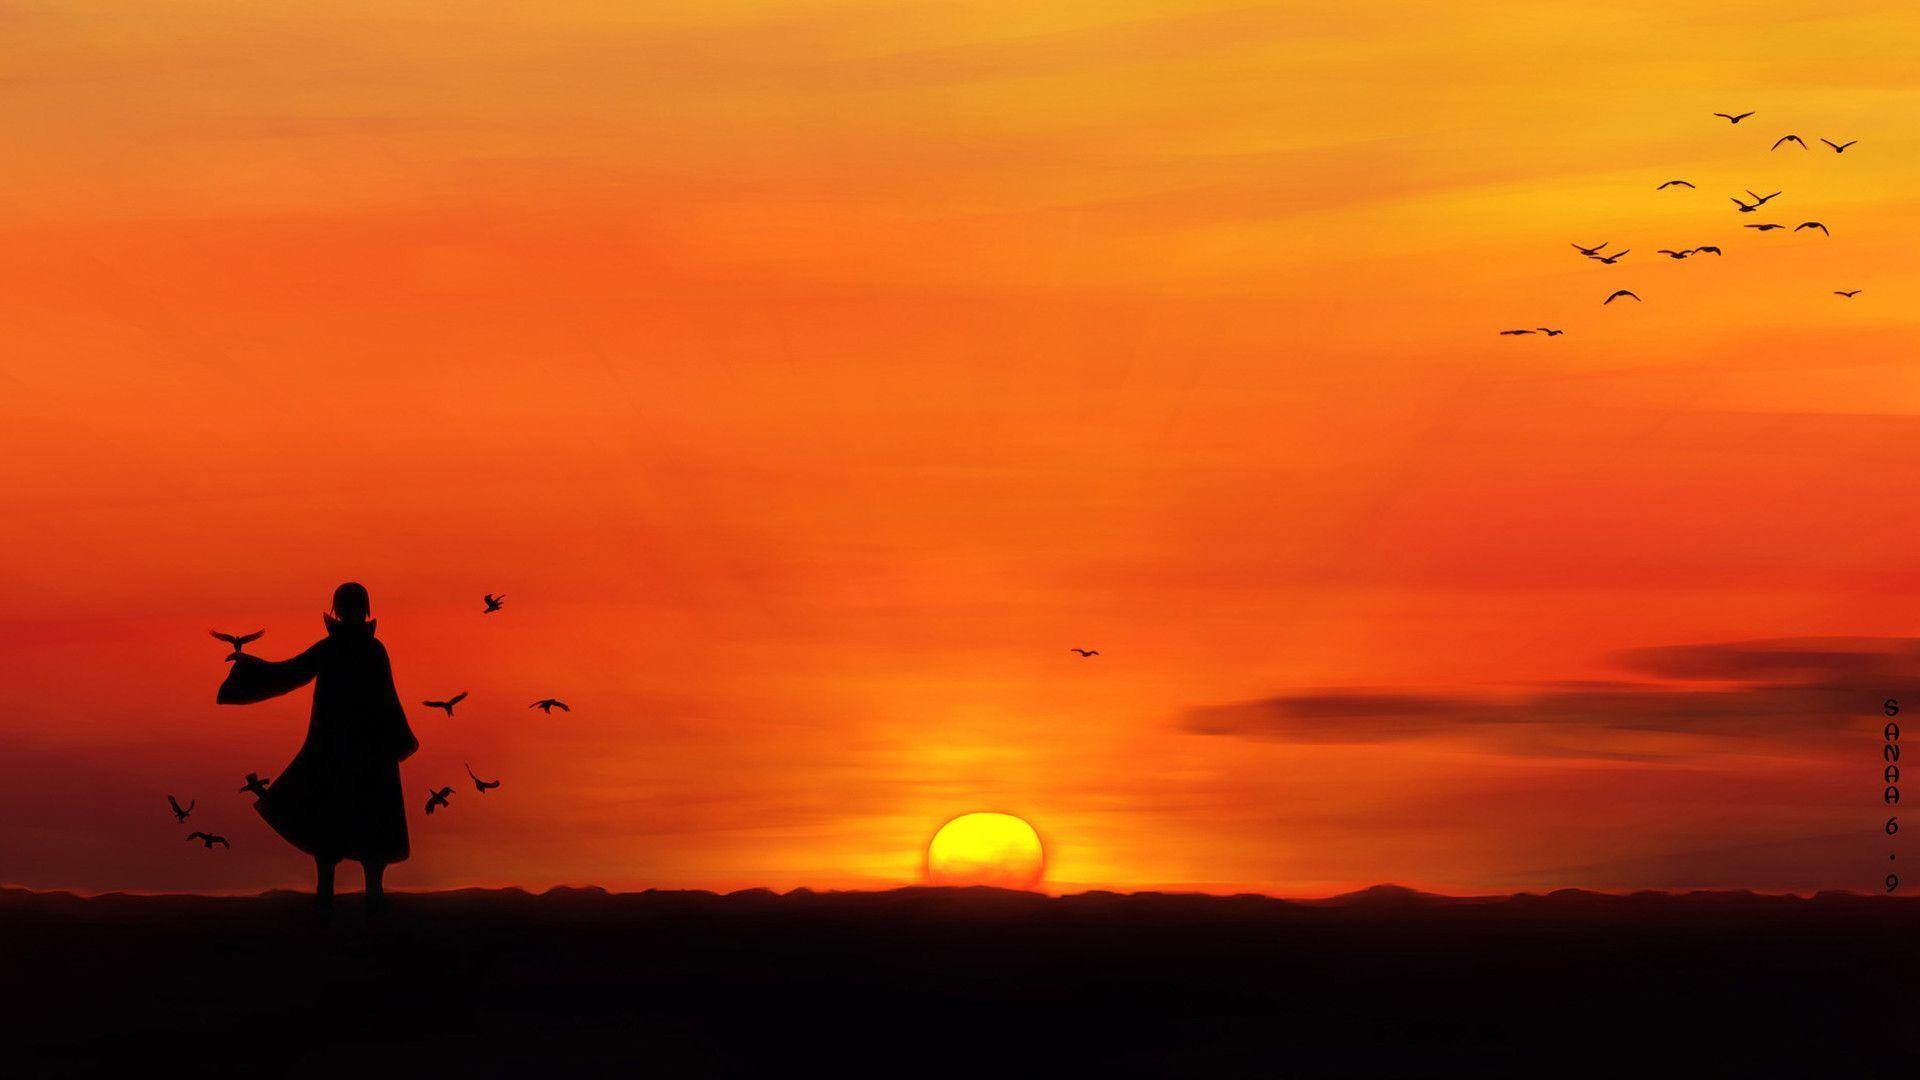 Itachi Uchiha Sunset Anime Landscape Wallpaper HD 3180